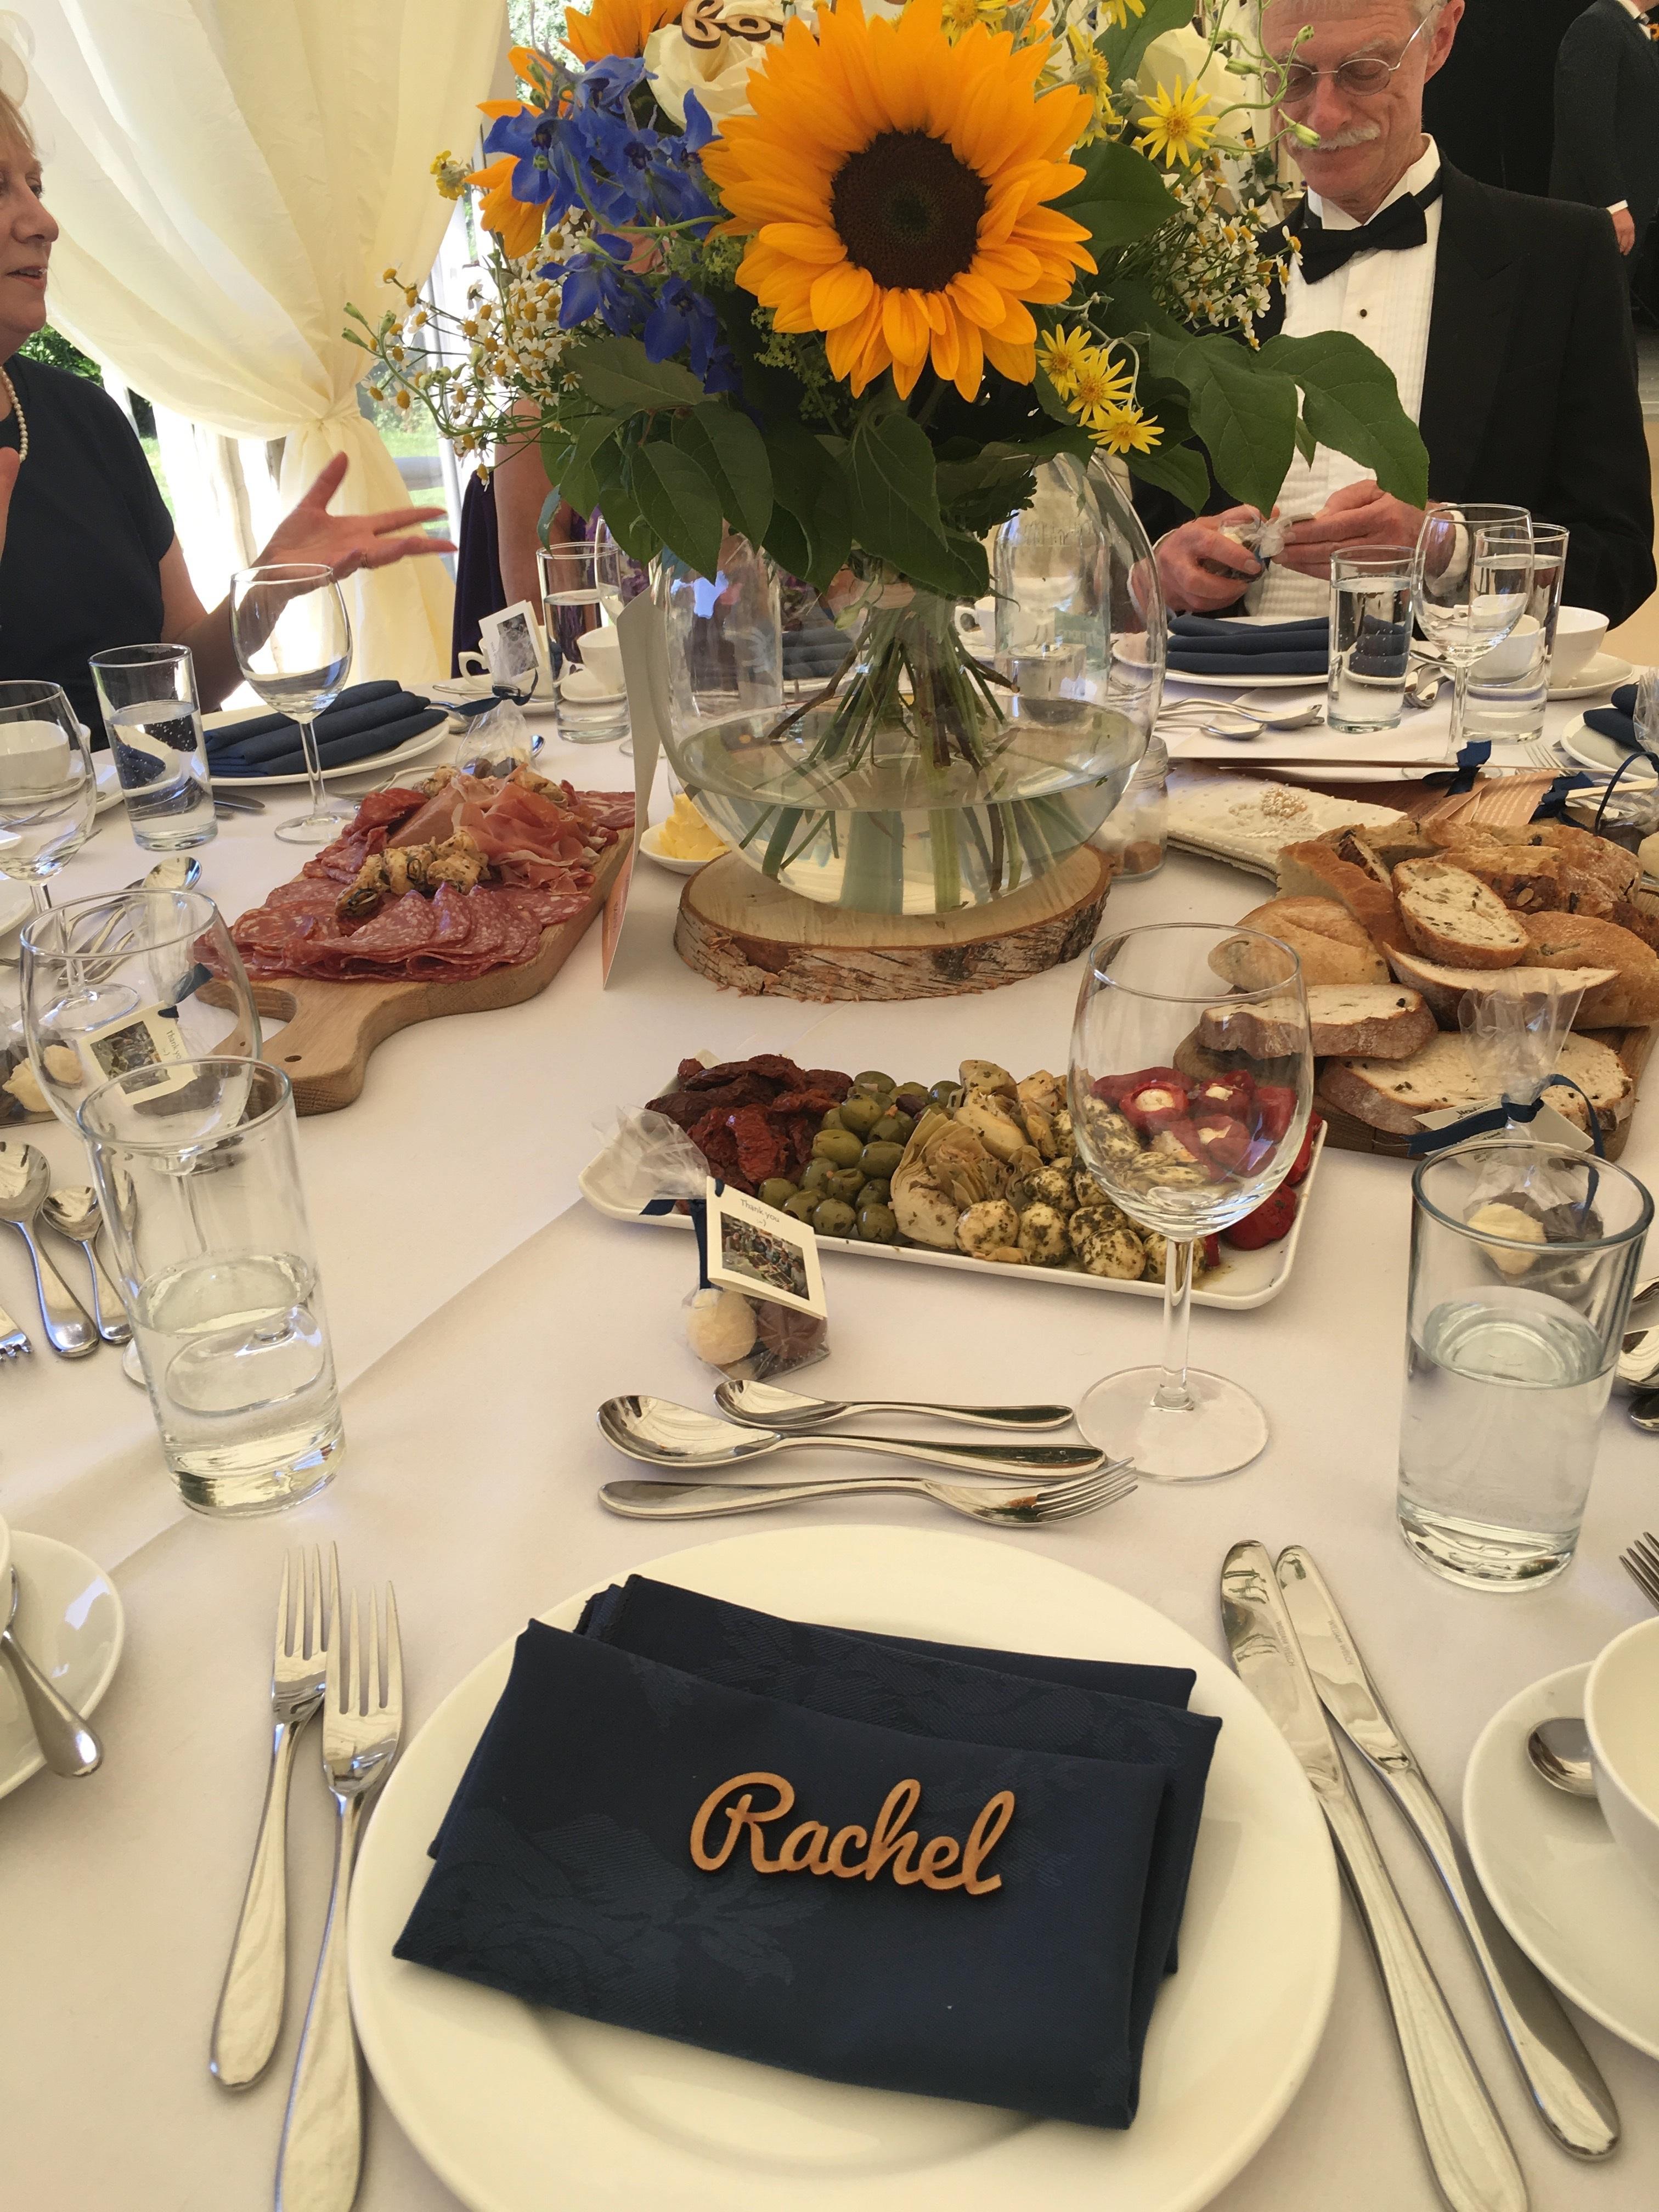 Image of the wedding breakfast